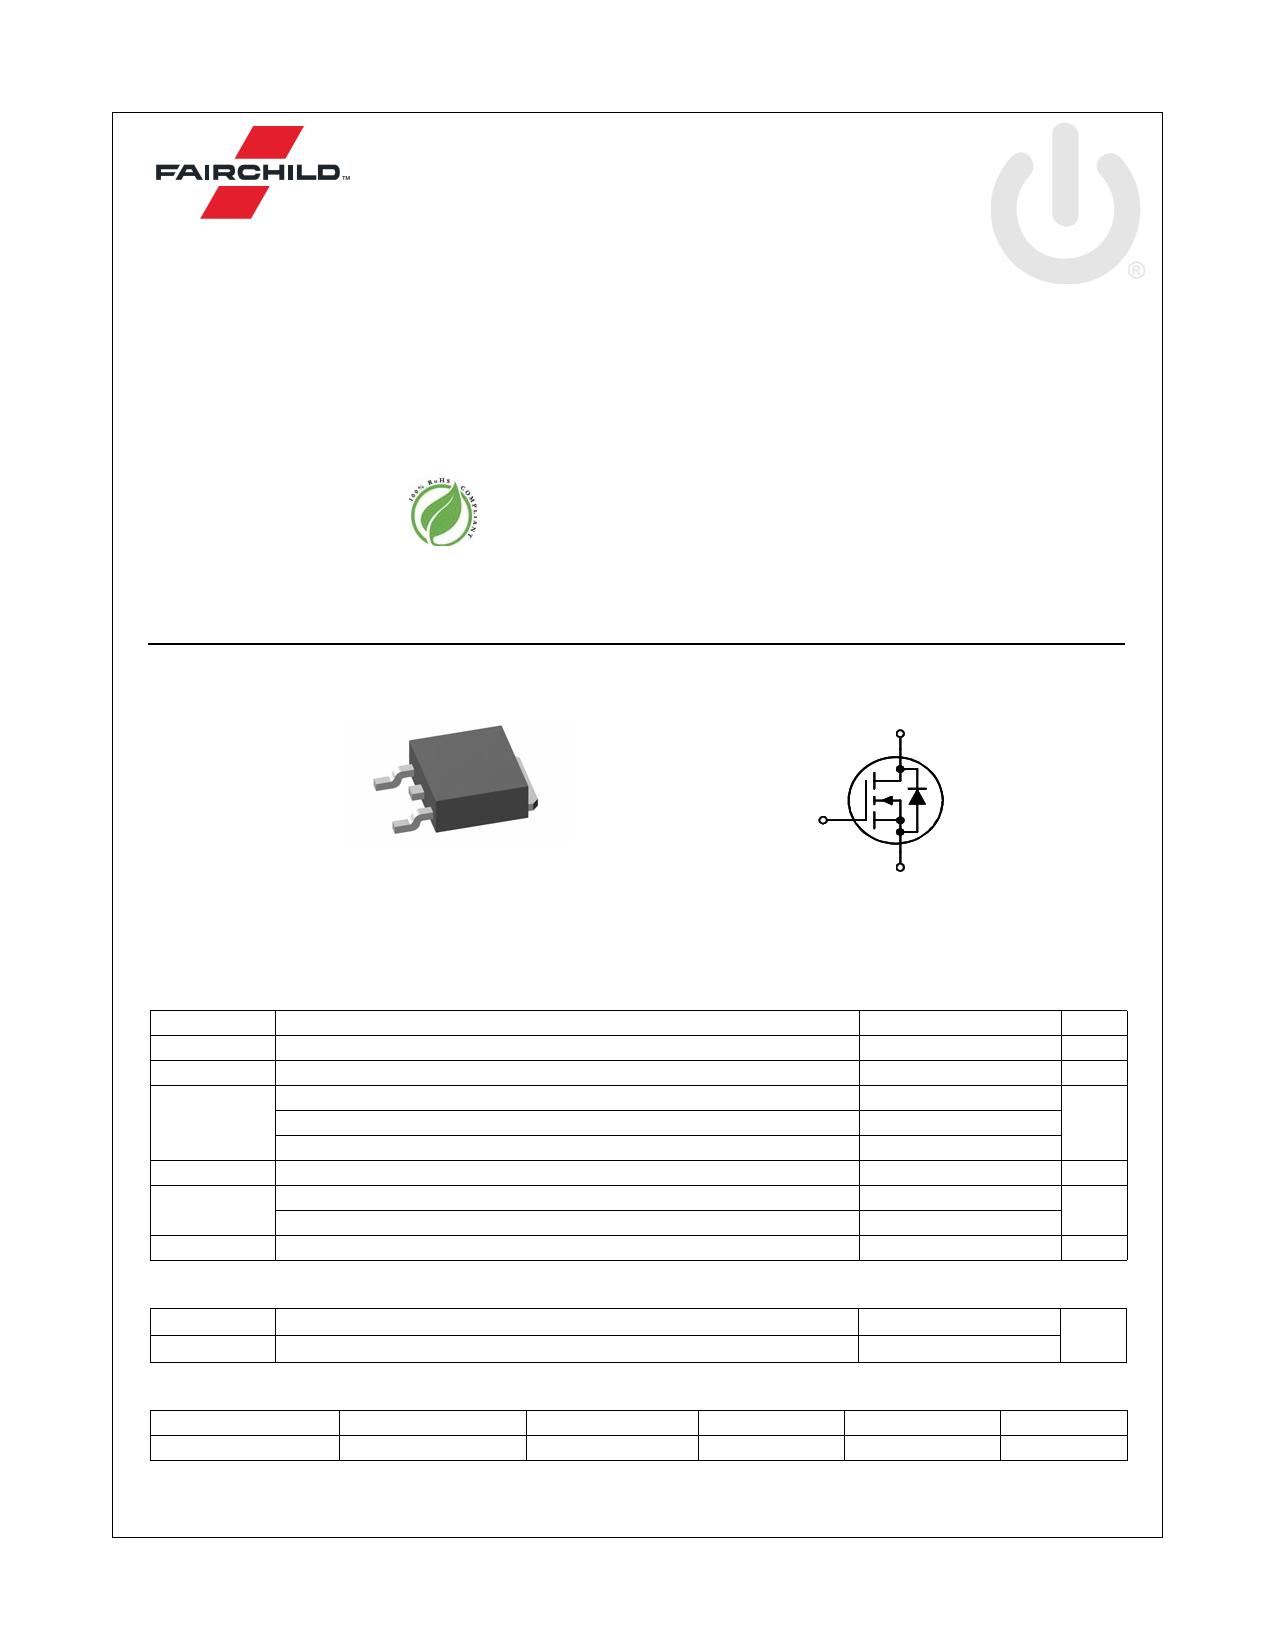 FDD5353 데이터시트 및 FDD5353 PDF